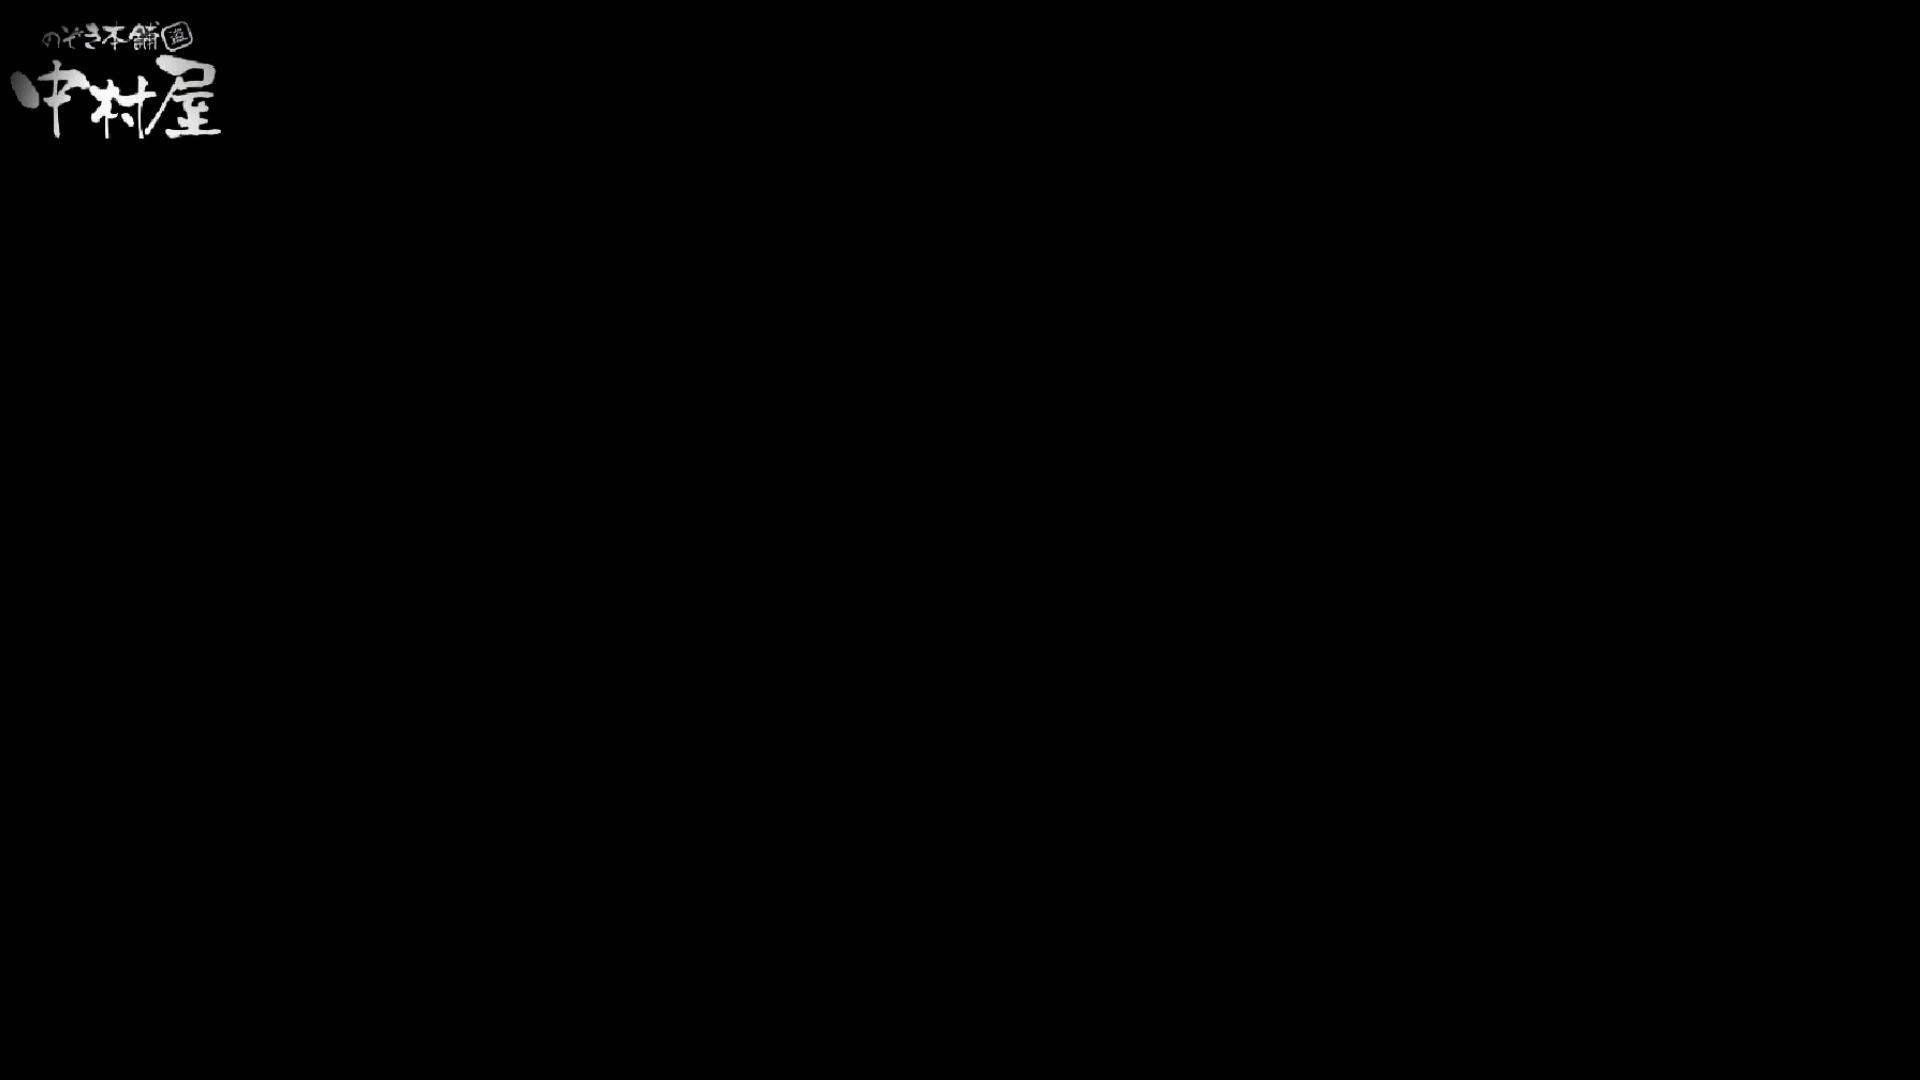 雅さんが厳選新年特別コンテンツ!激走!東京マラソン選手専用女子トイレvol.9 排泄編 盗撮画像 105PIX 12